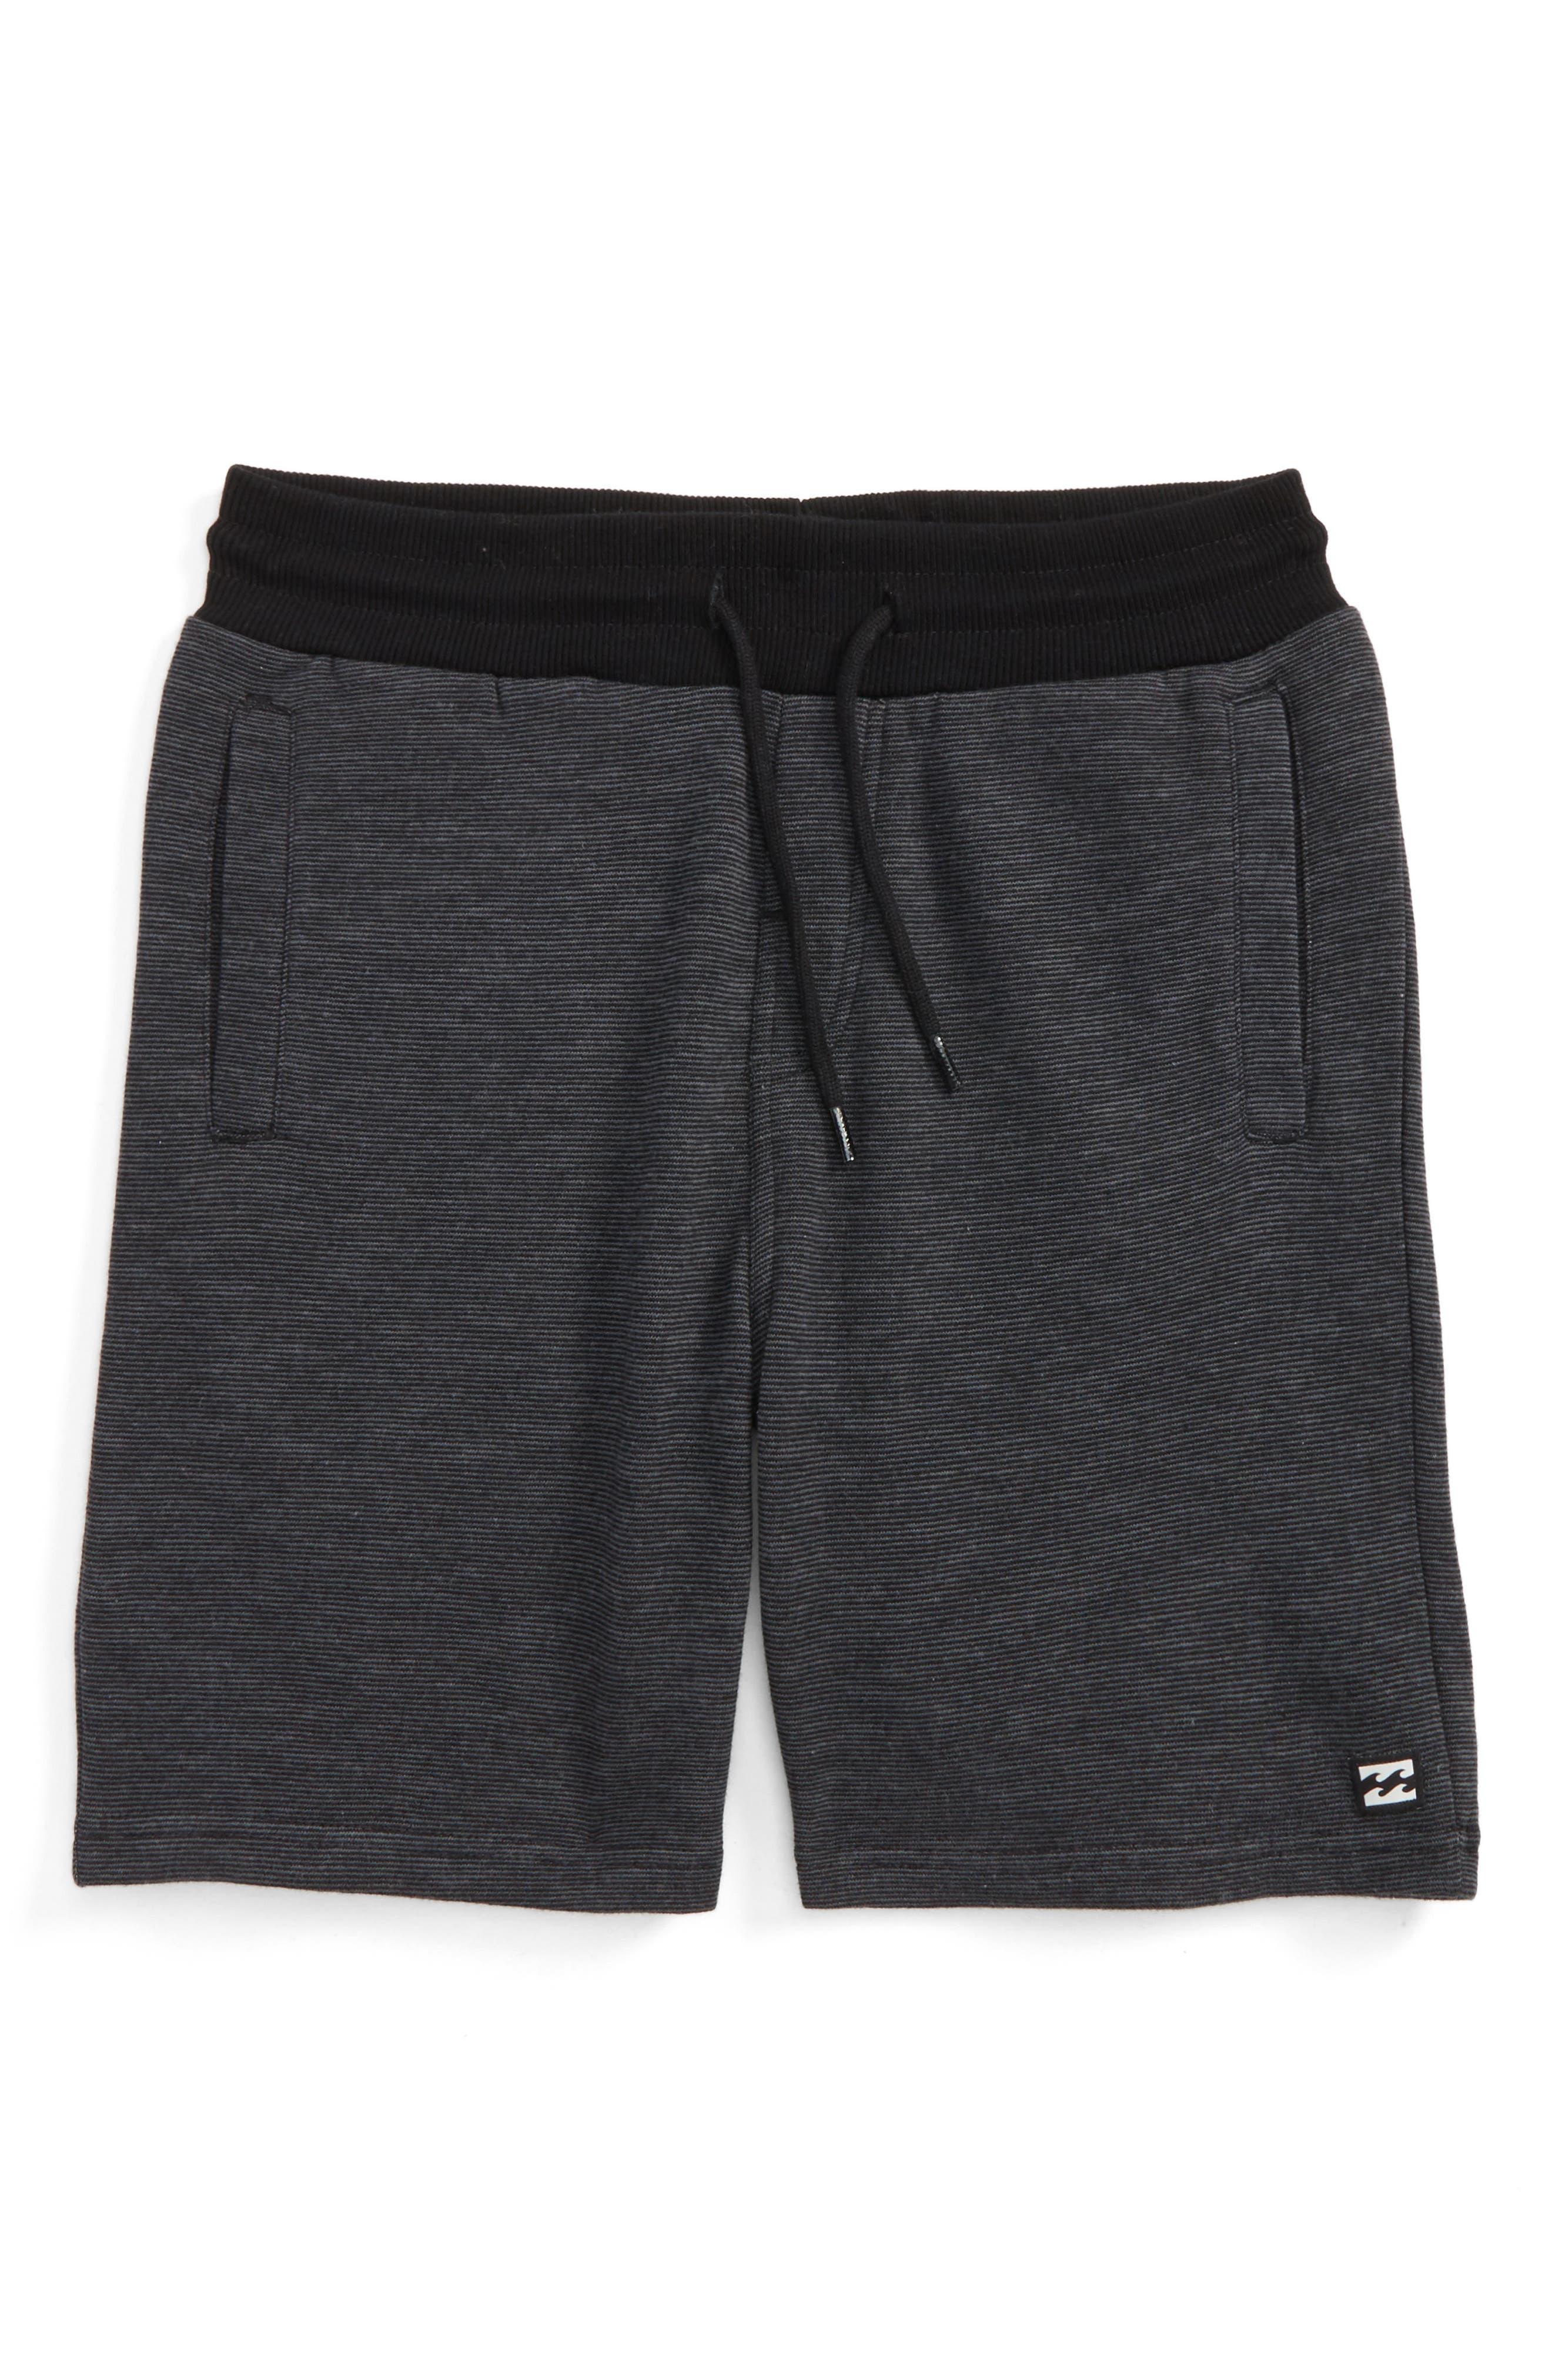 Balance Shorts,                             Main thumbnail 1, color,                             002